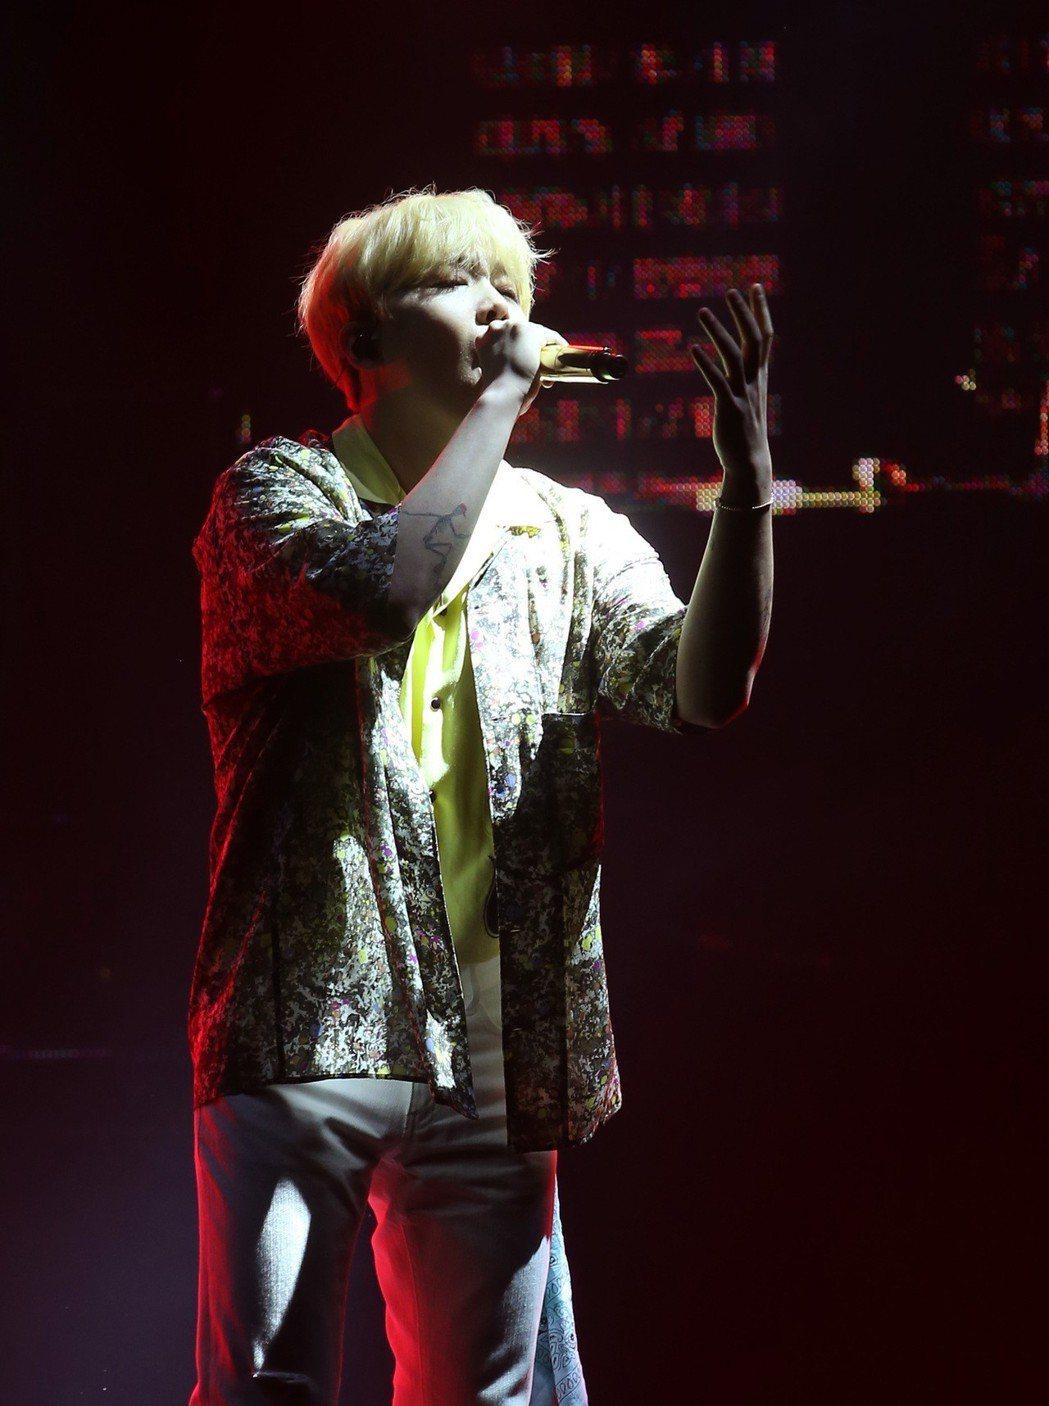 李洪基2日在台北國際會議中心舉辦演唱會。記者林澔一/攝影